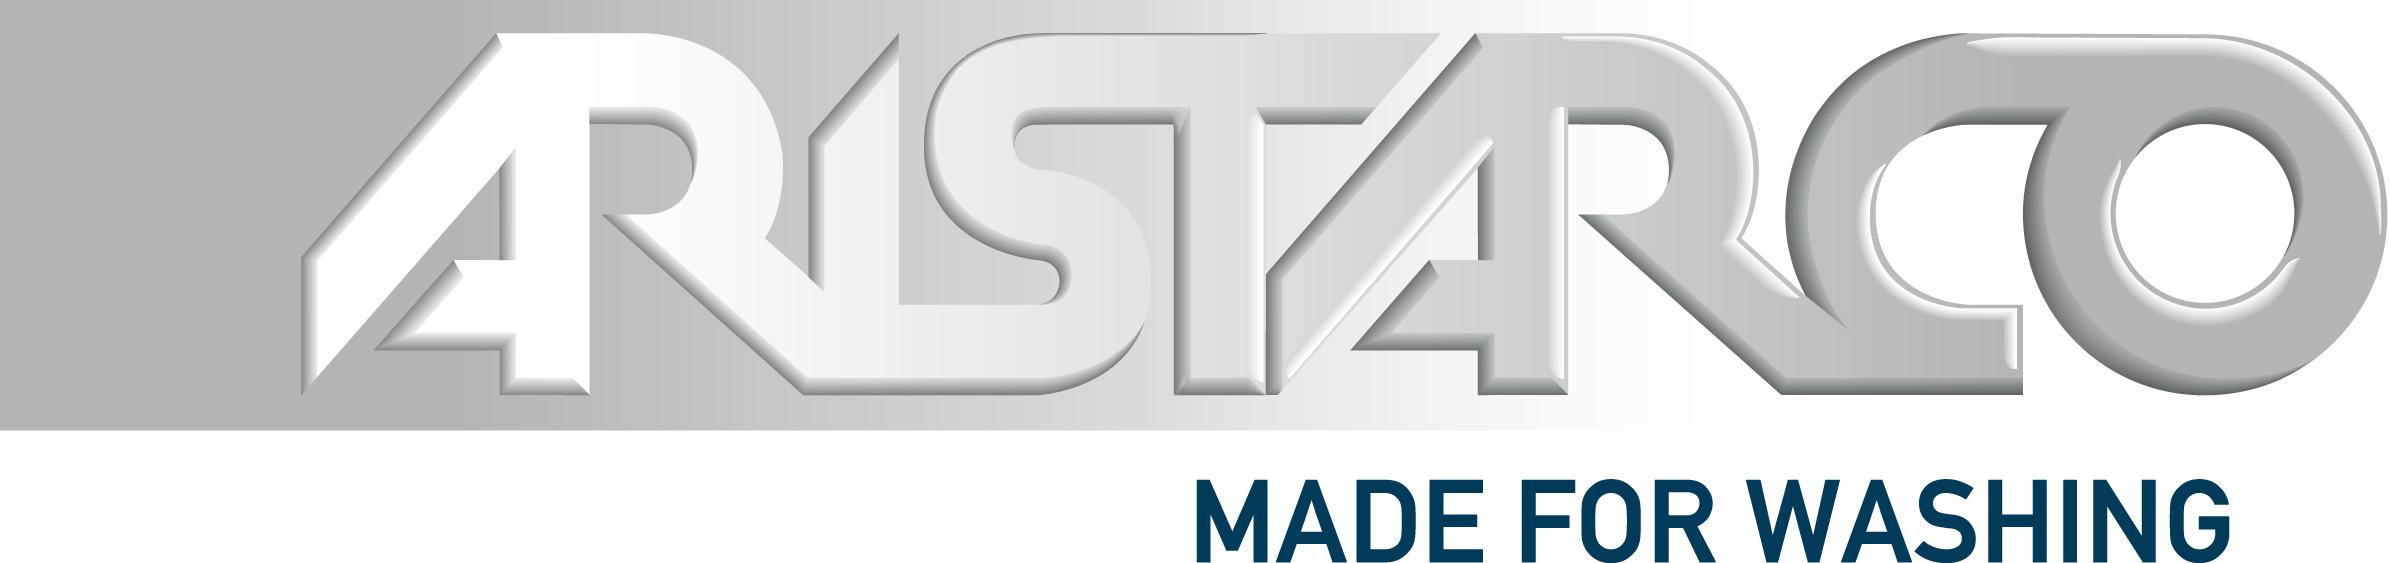 Aristarco è oggi leader tra i produttori di macchine e attrezzature per la ristorazione e l'Hotellerie.